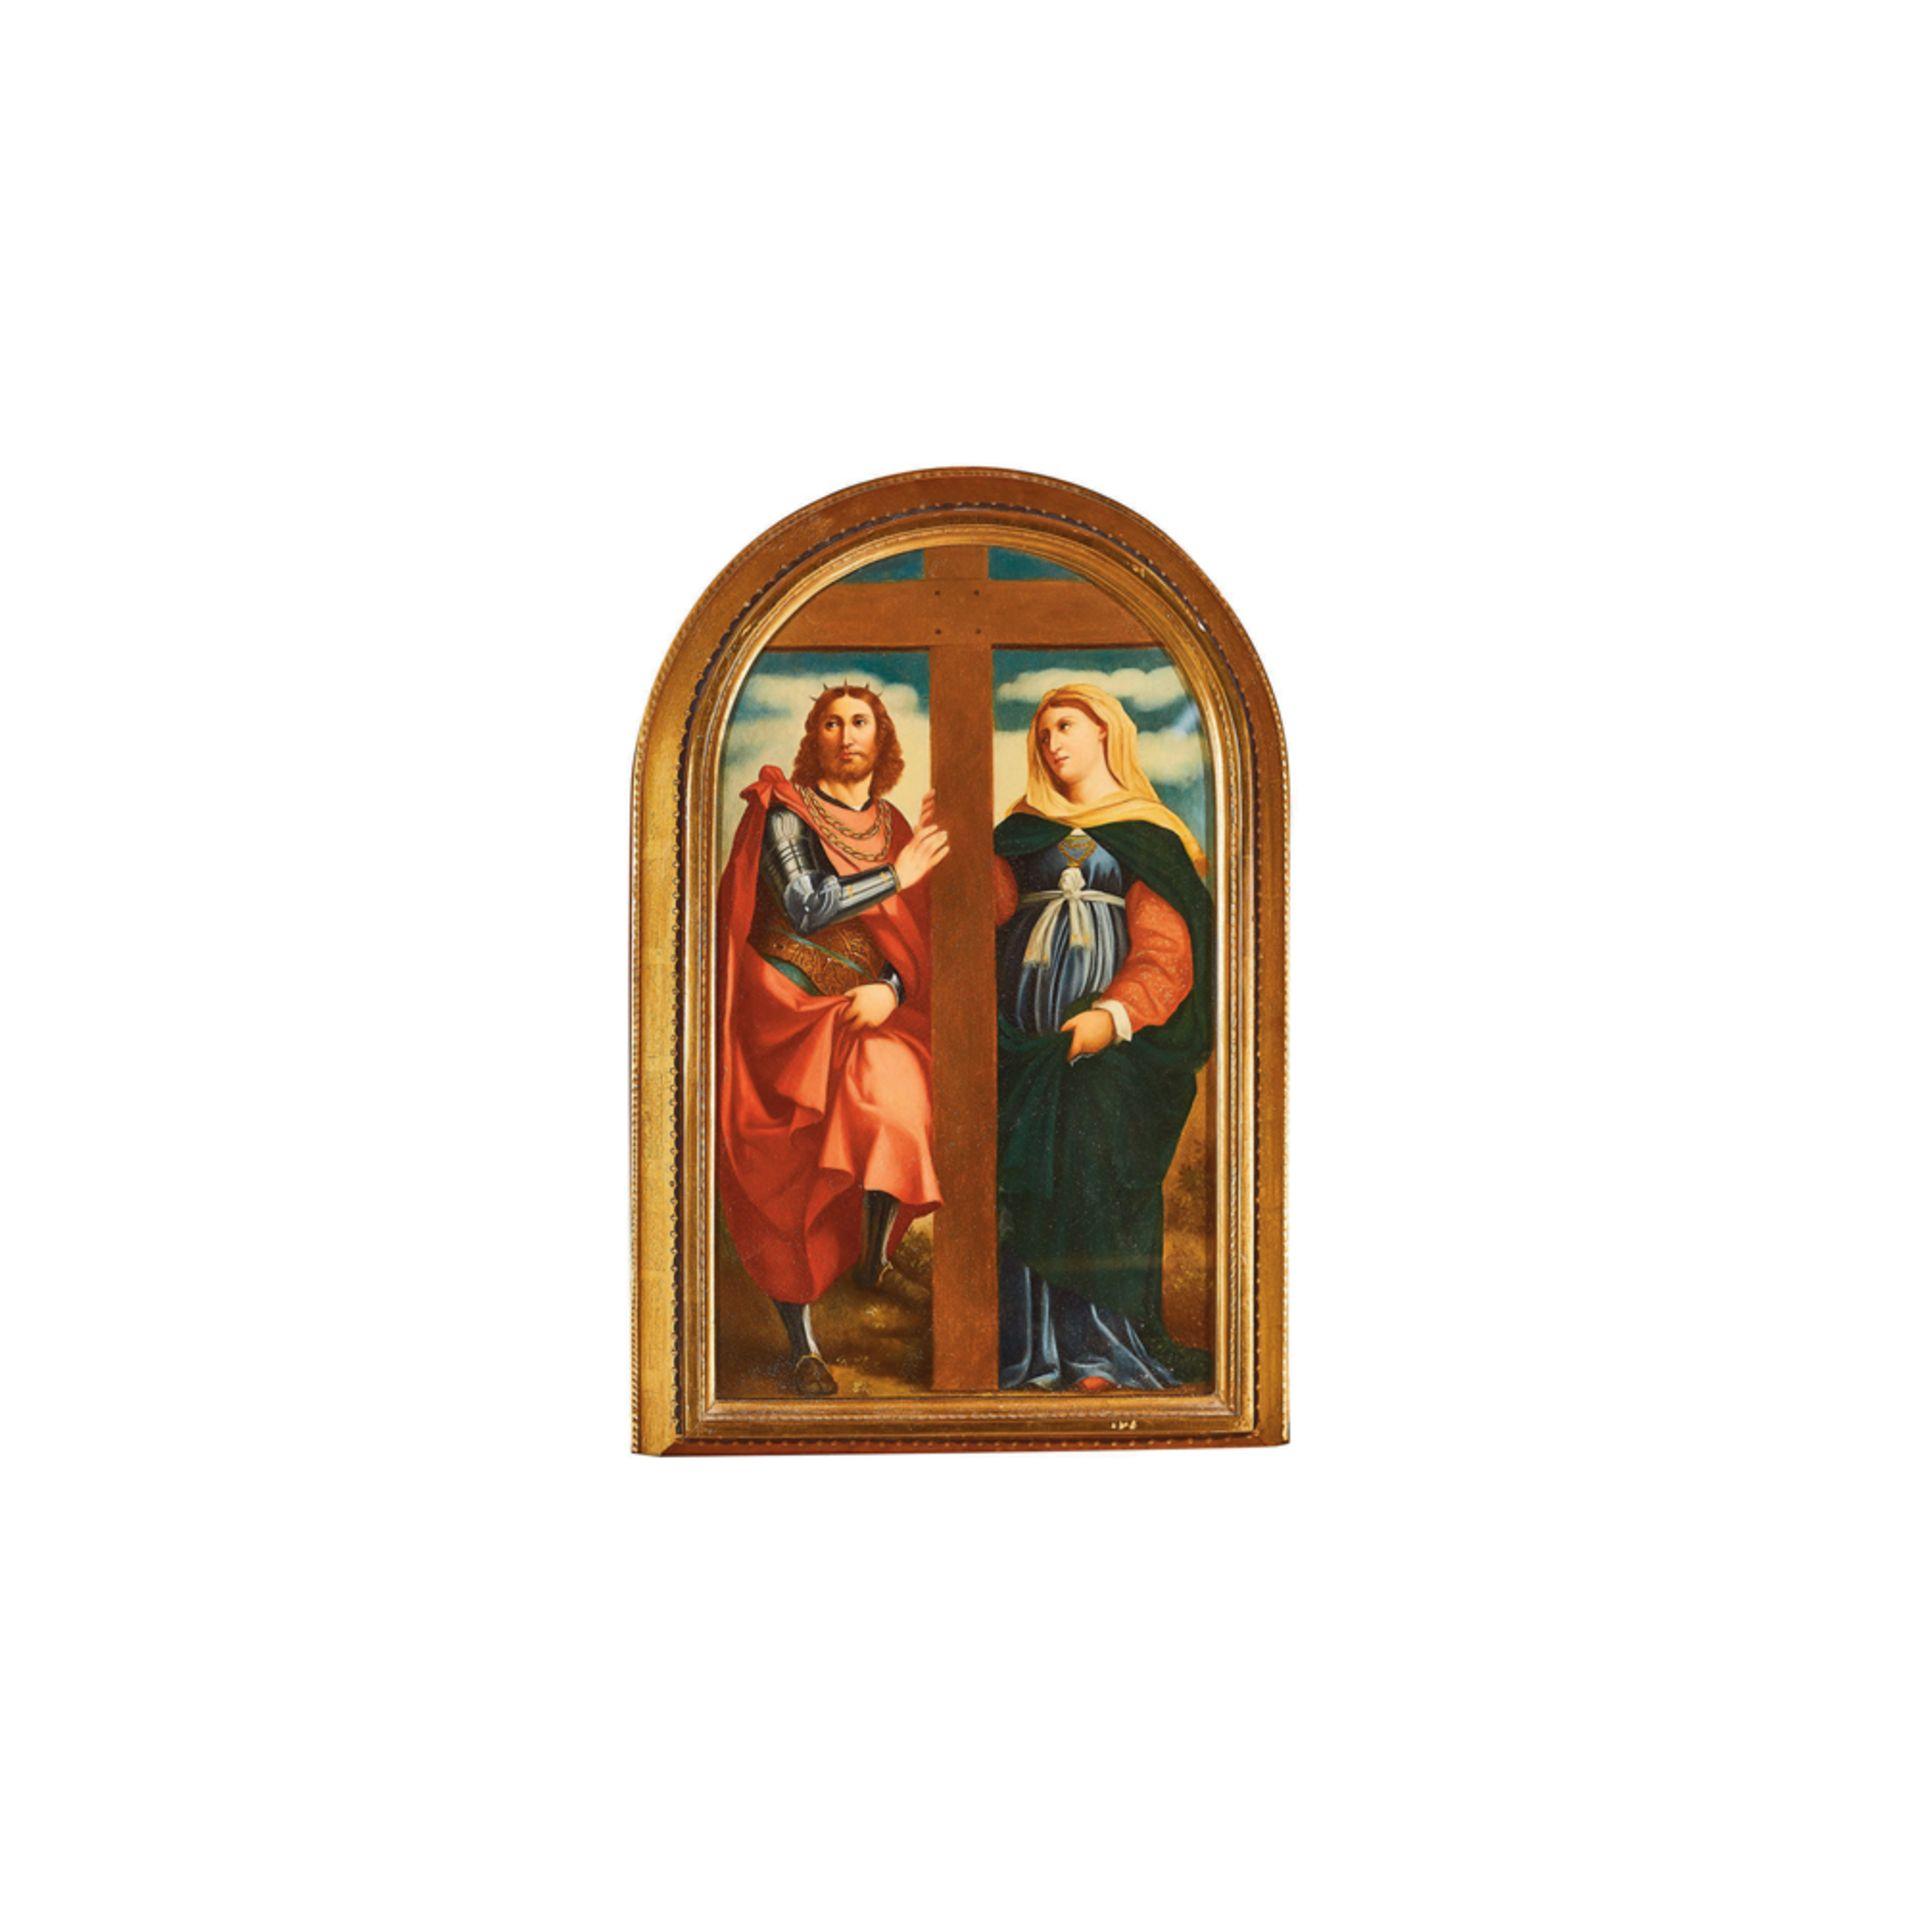 Los 12 - Escuela italiana, s.XIX. Santa Elena y Constantino. Óleo sobre tabla.